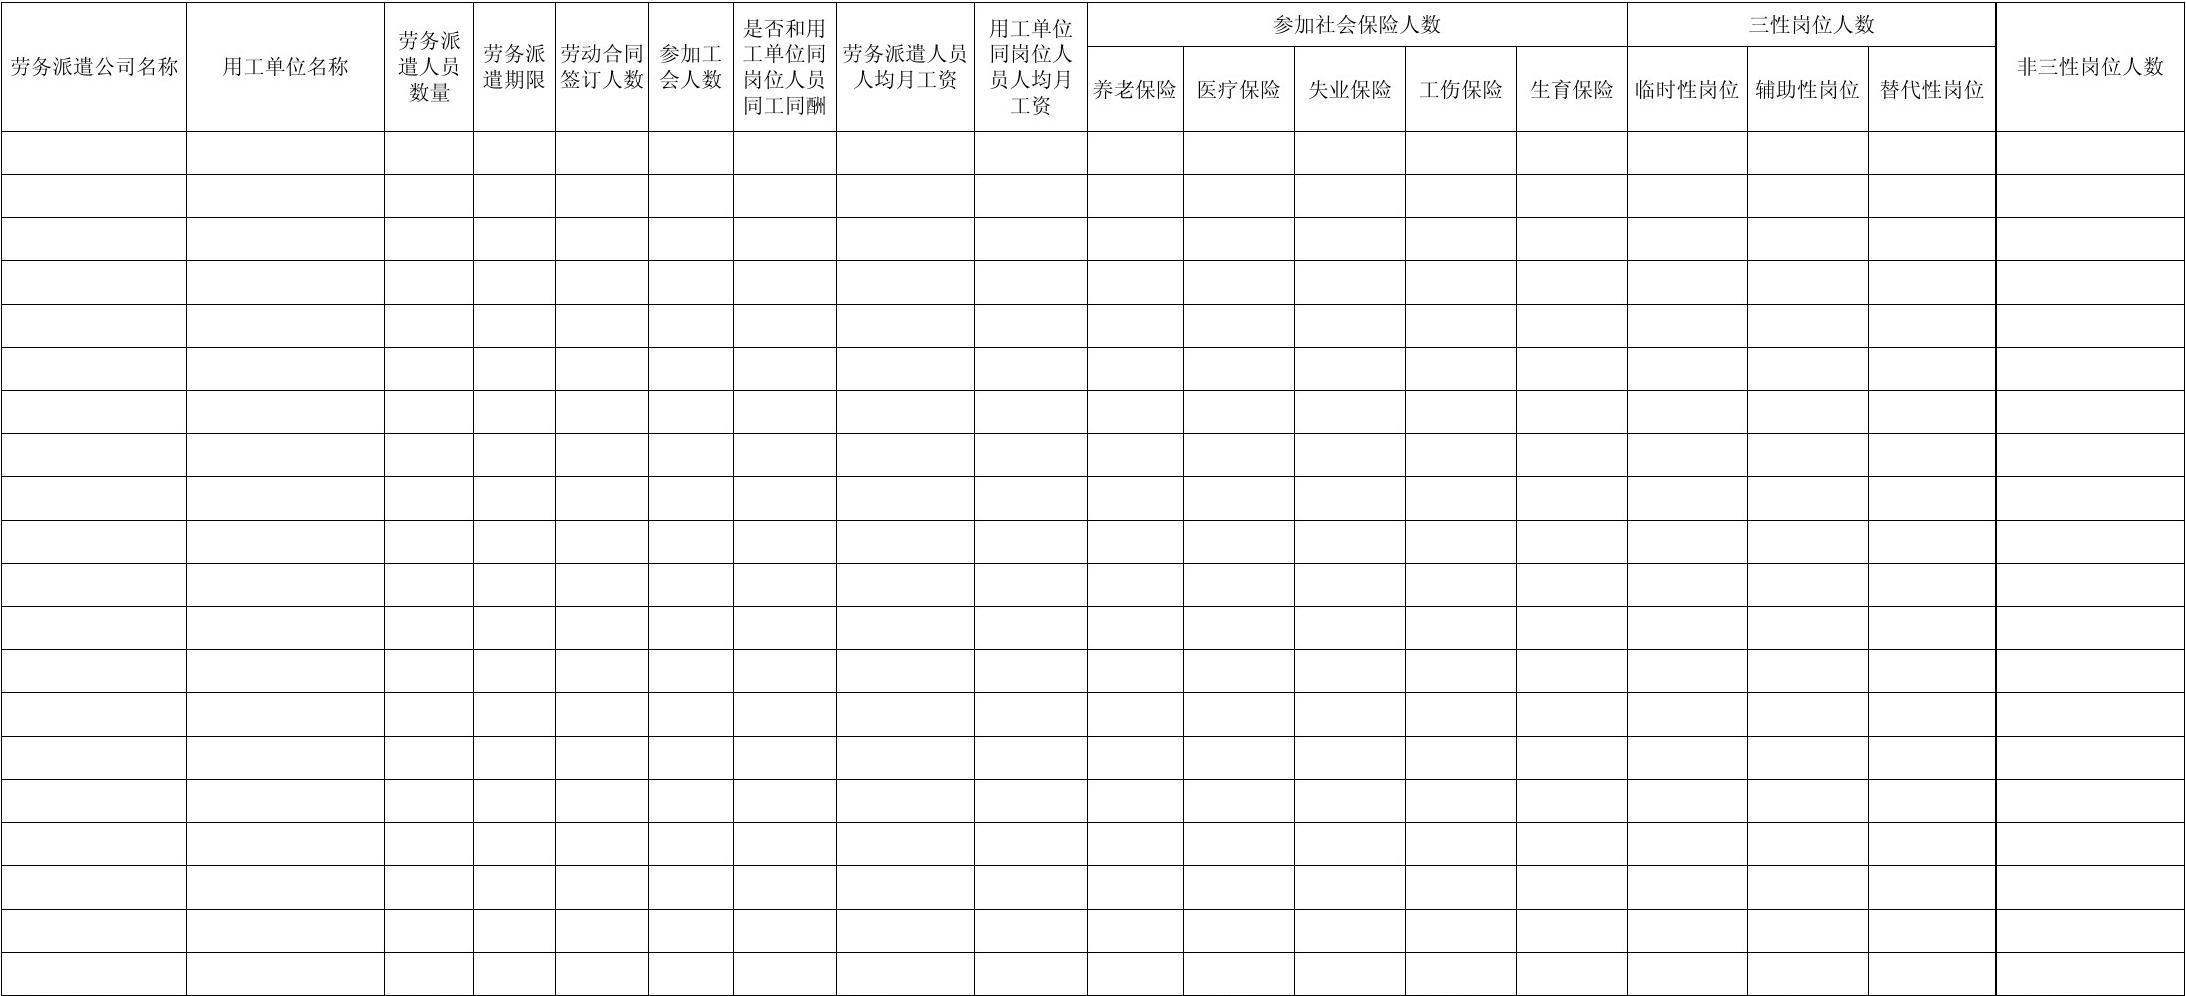 2013年度劳务派遣经营情况统计表-Sheet1